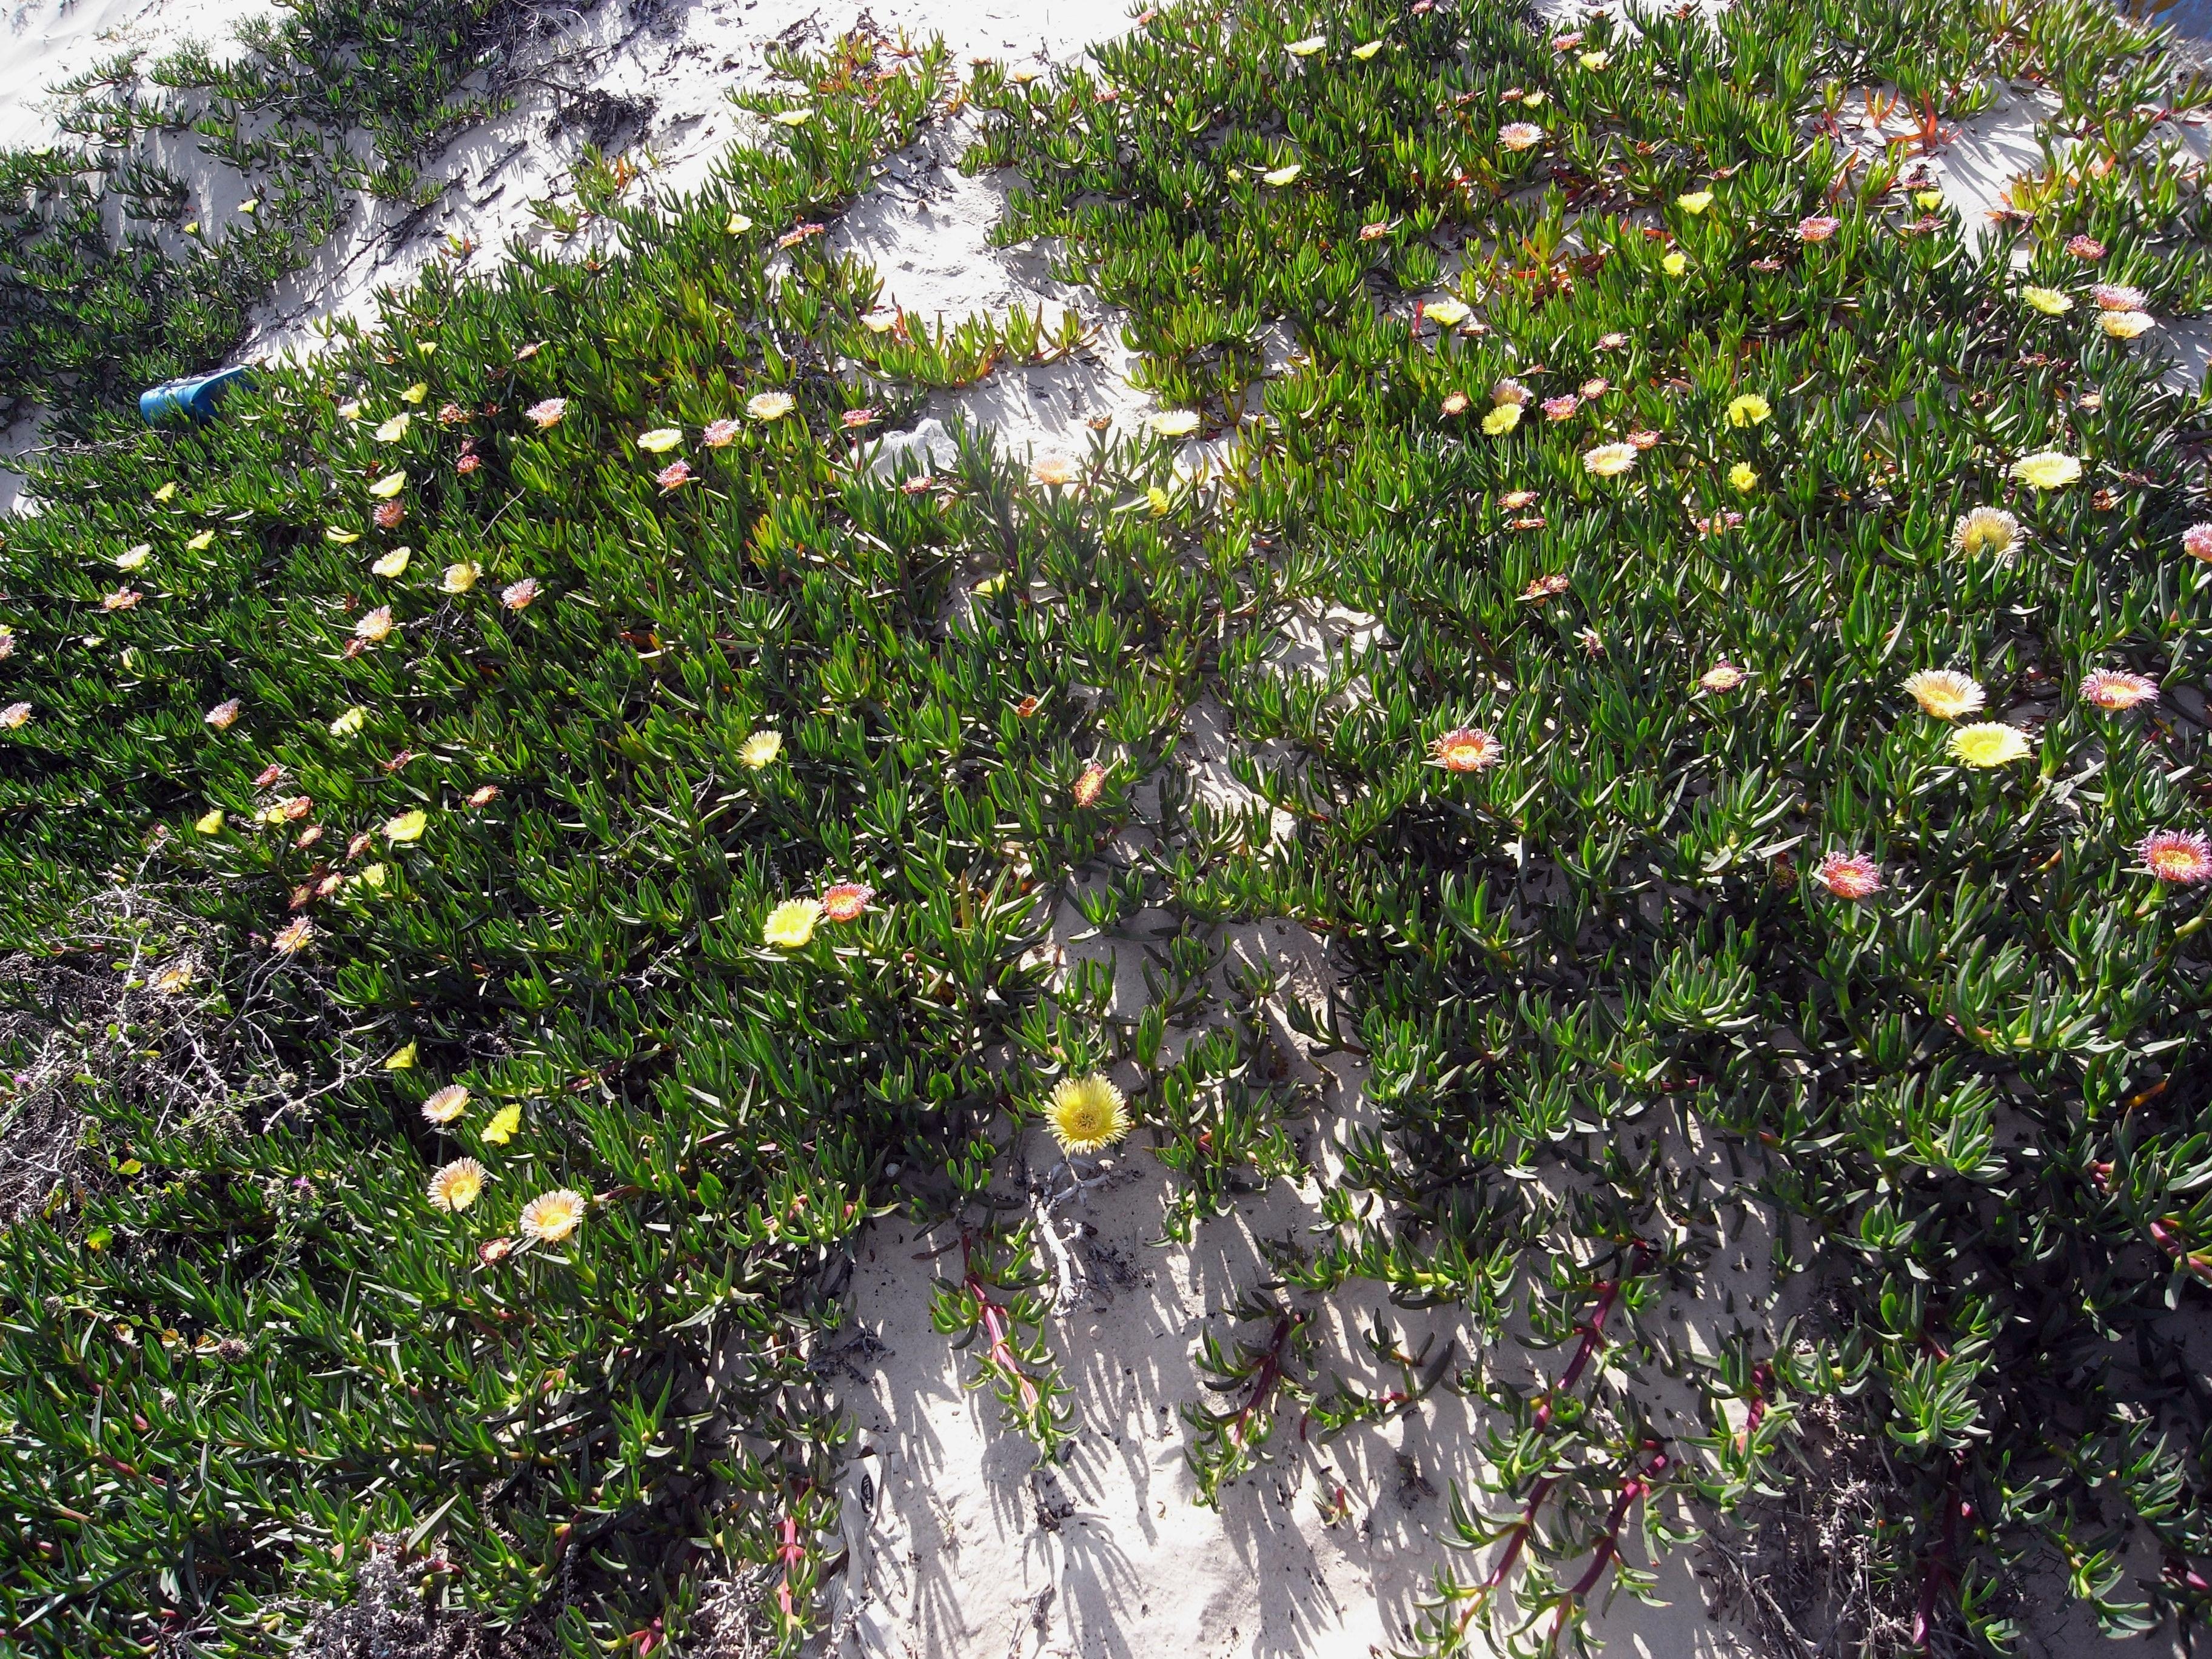 Die Essbare Mittagsblume, ein invasiver Neophyt Maltas (hier in Tunesien)